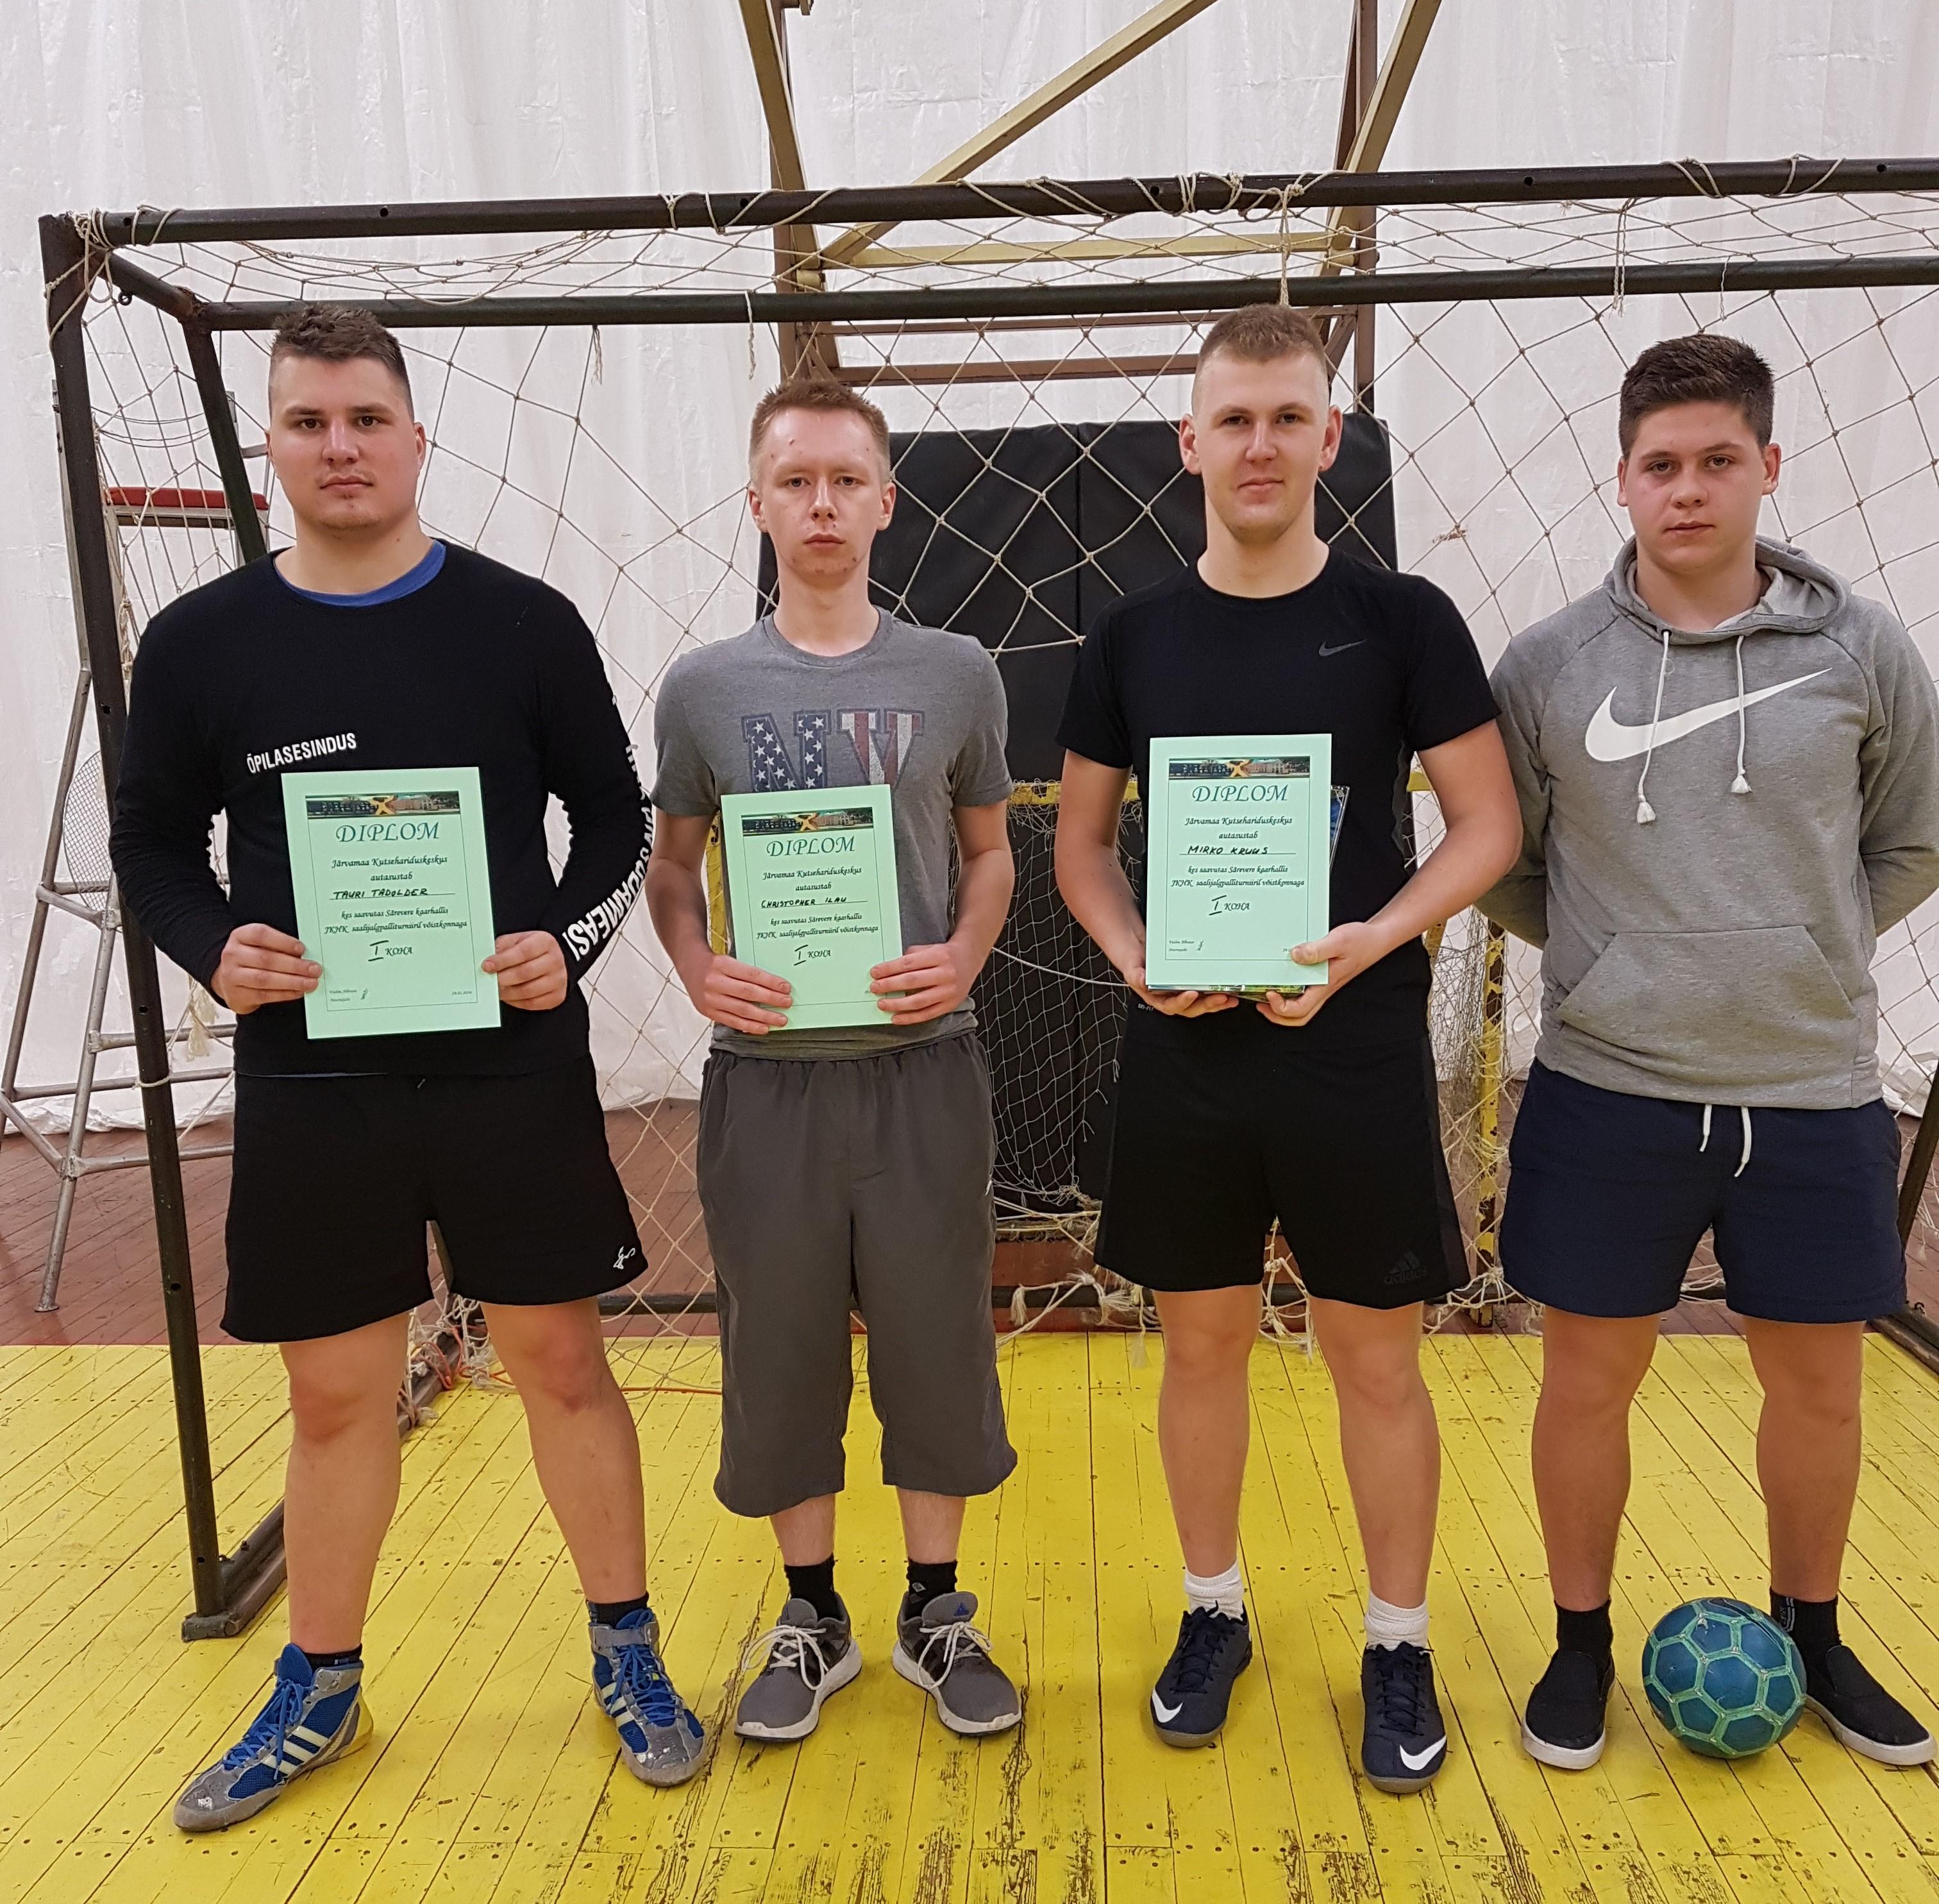 Pildil esikoha võistkond: Tauri Tadolder, Christopher Ilau, Mirko Kruus & Aleks Nasilnikov